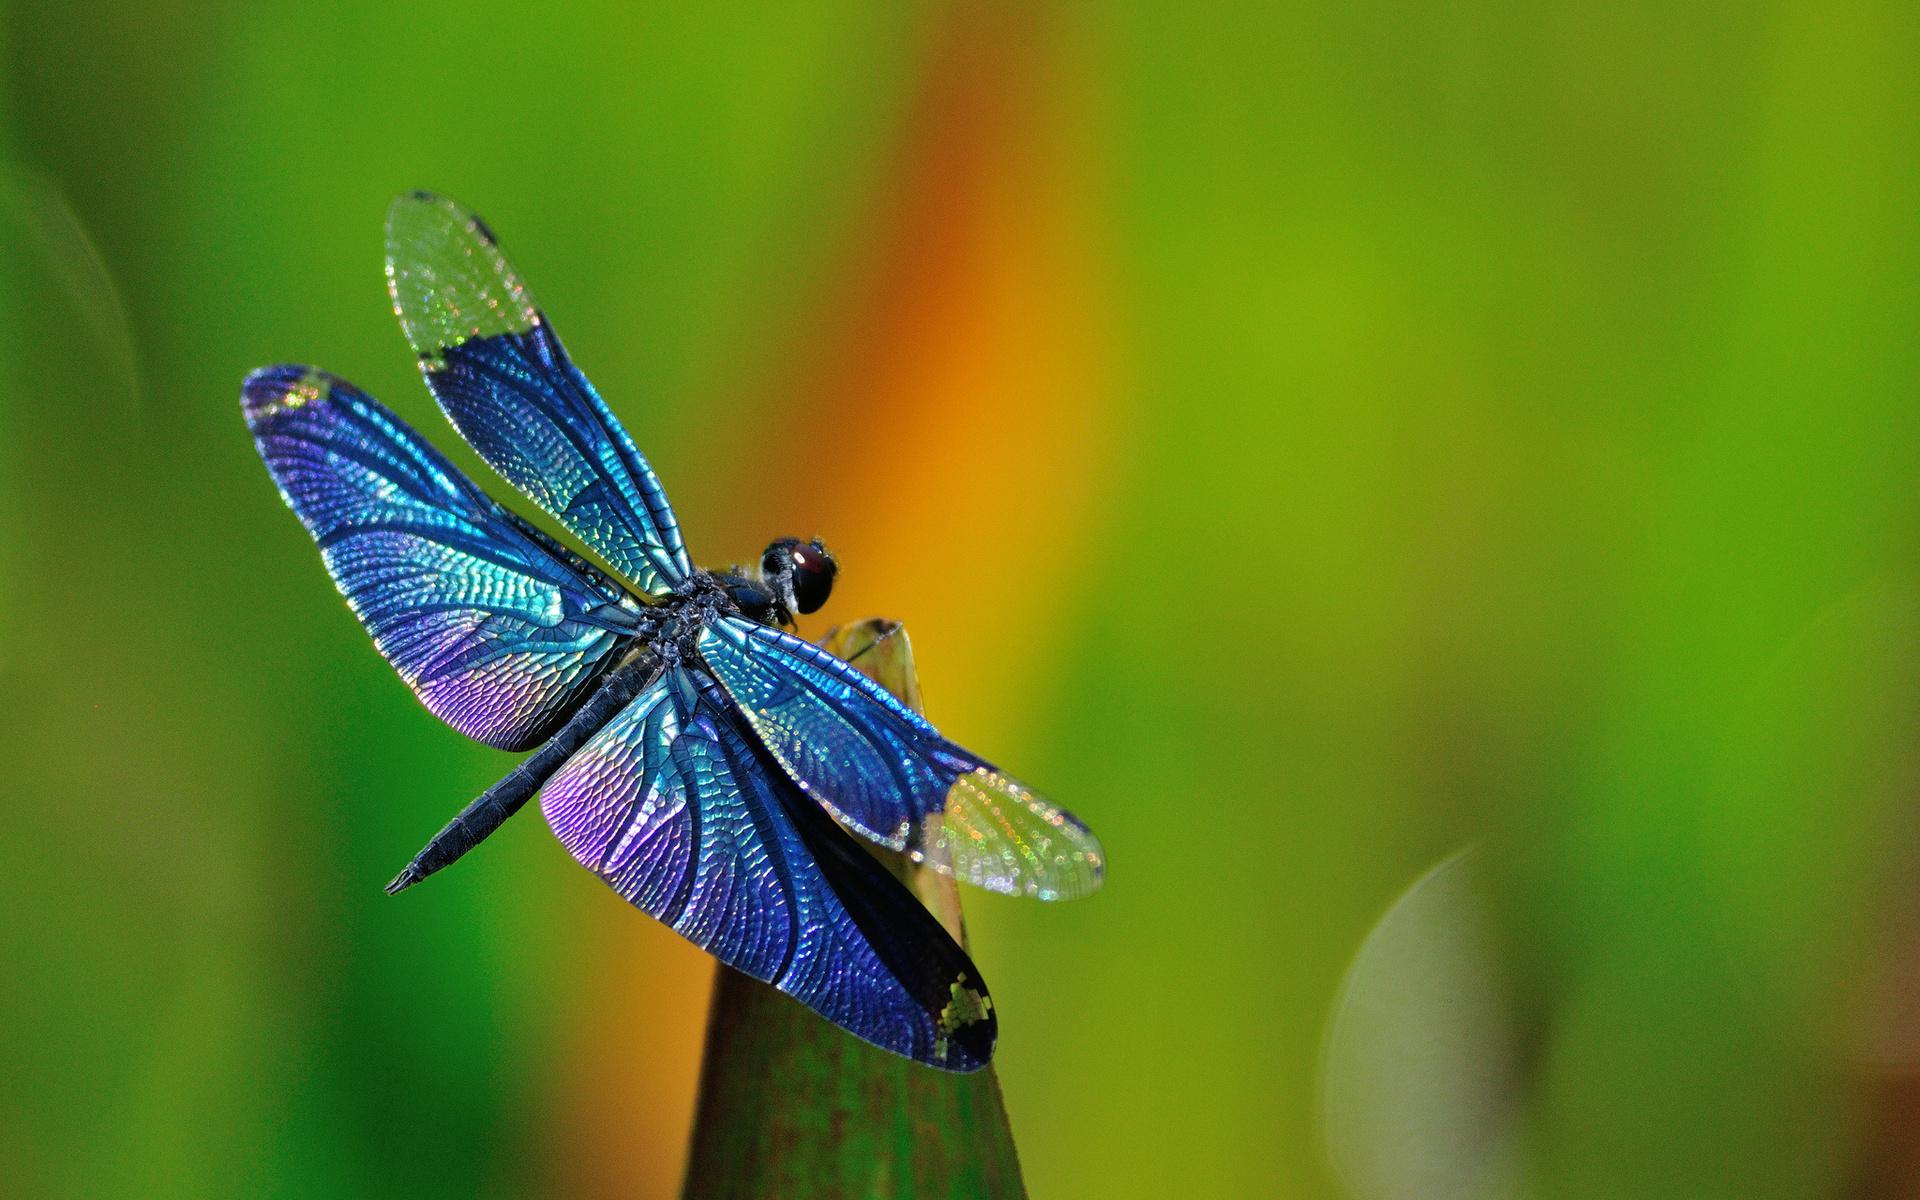 Картинка: Стрекоза, крылья, сидит, размытость, листок